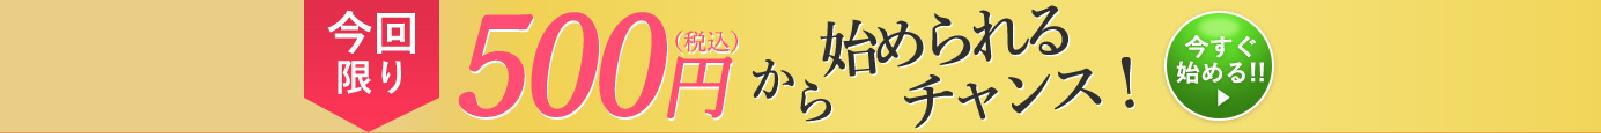 今回限り500円から始められるチャンス!